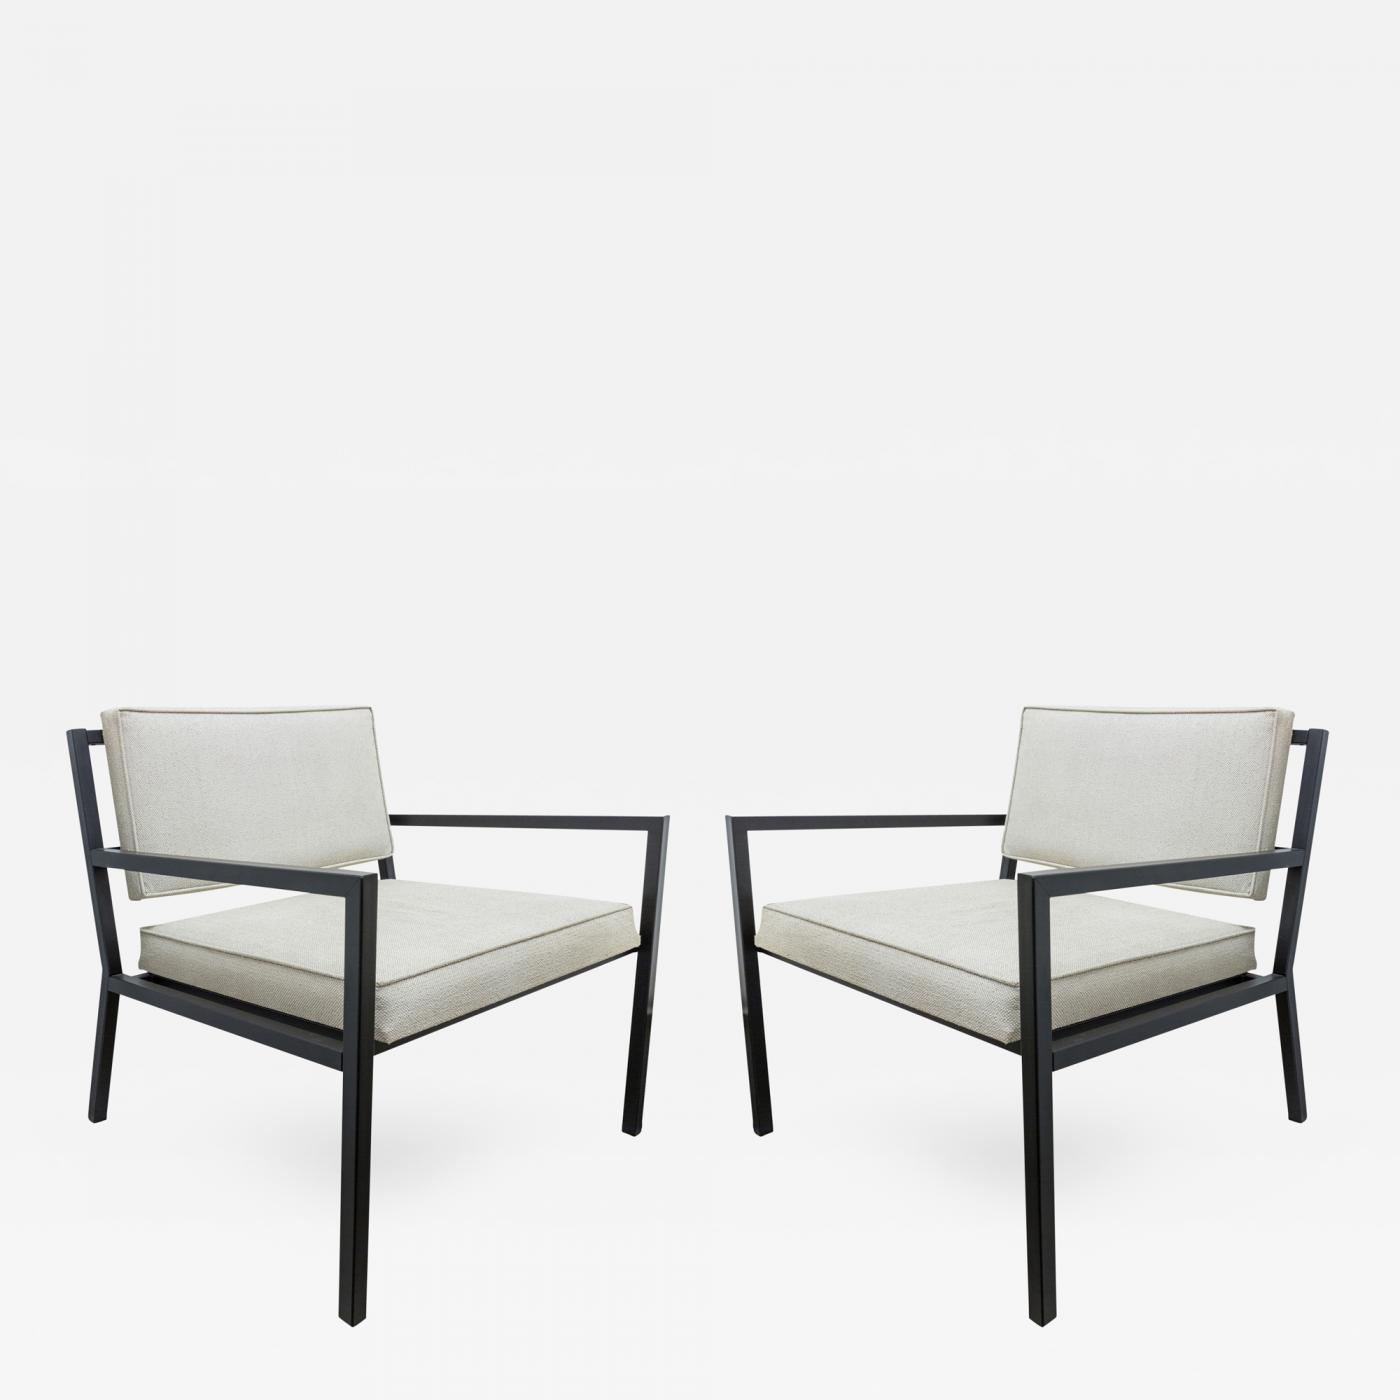 Van Keppel & Green - Pair of Van Keppel Green Low Club Lounge Chairs